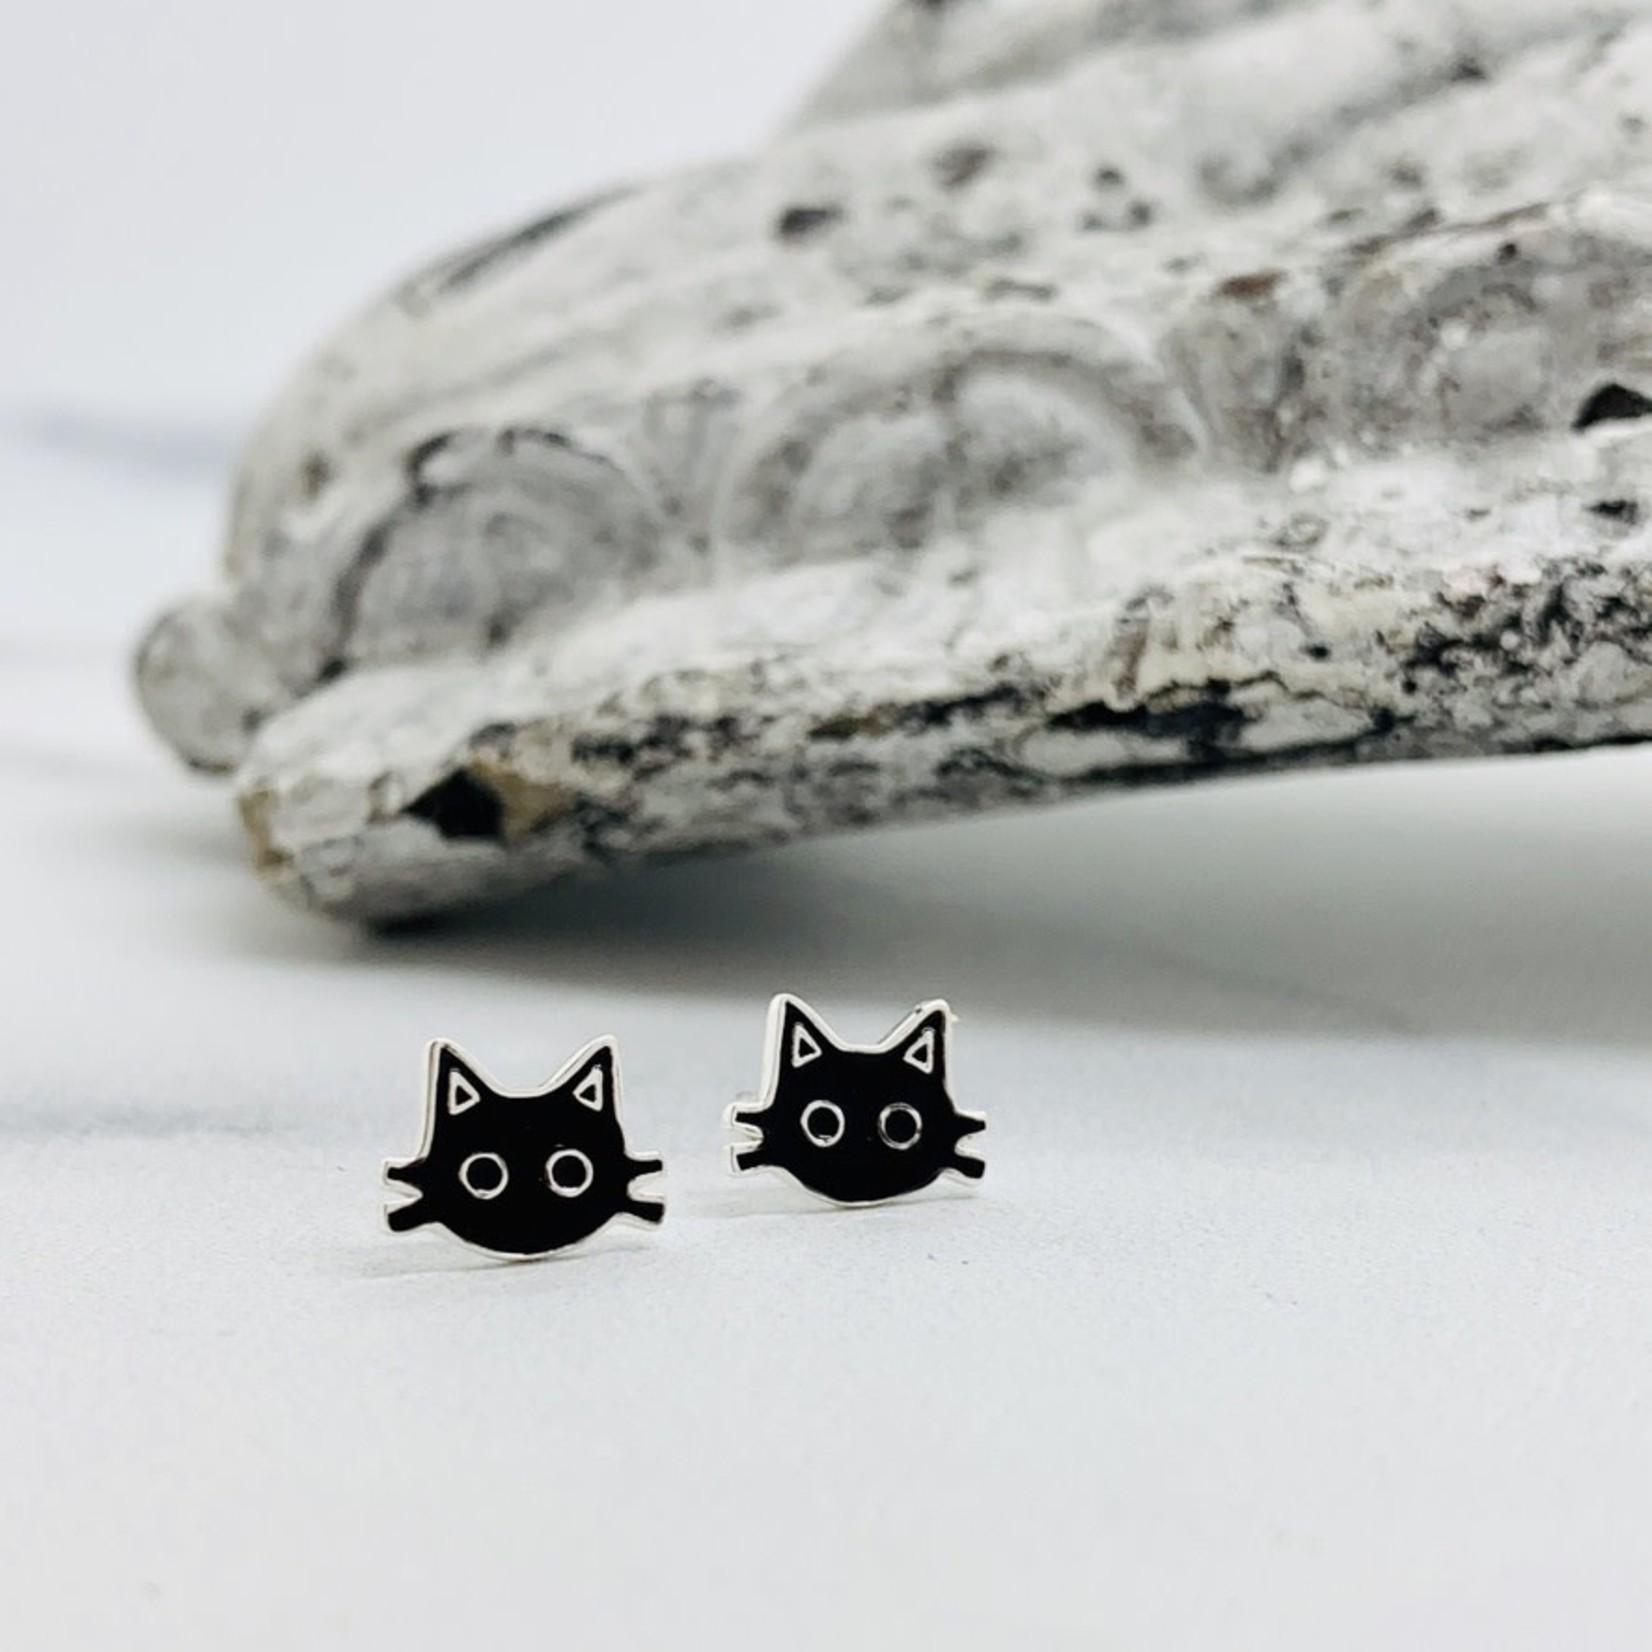 Silver and Enamel Black Kitty Cat Face Stud Earrings